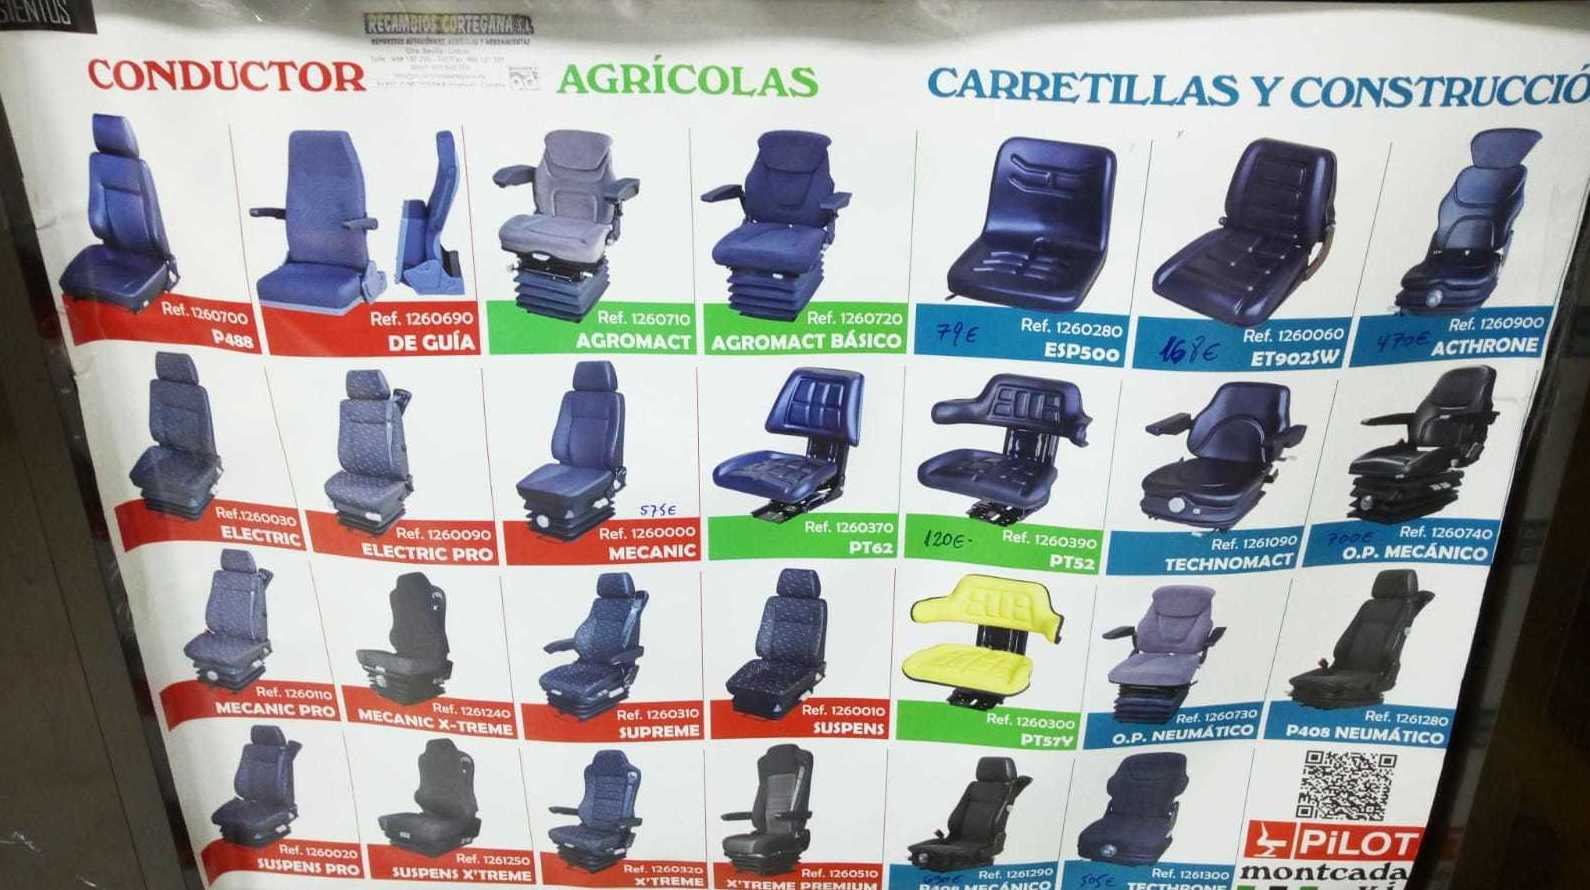 ASIENTOS INDUSTRIALES MONTCADA. DISTRIBUIDOR